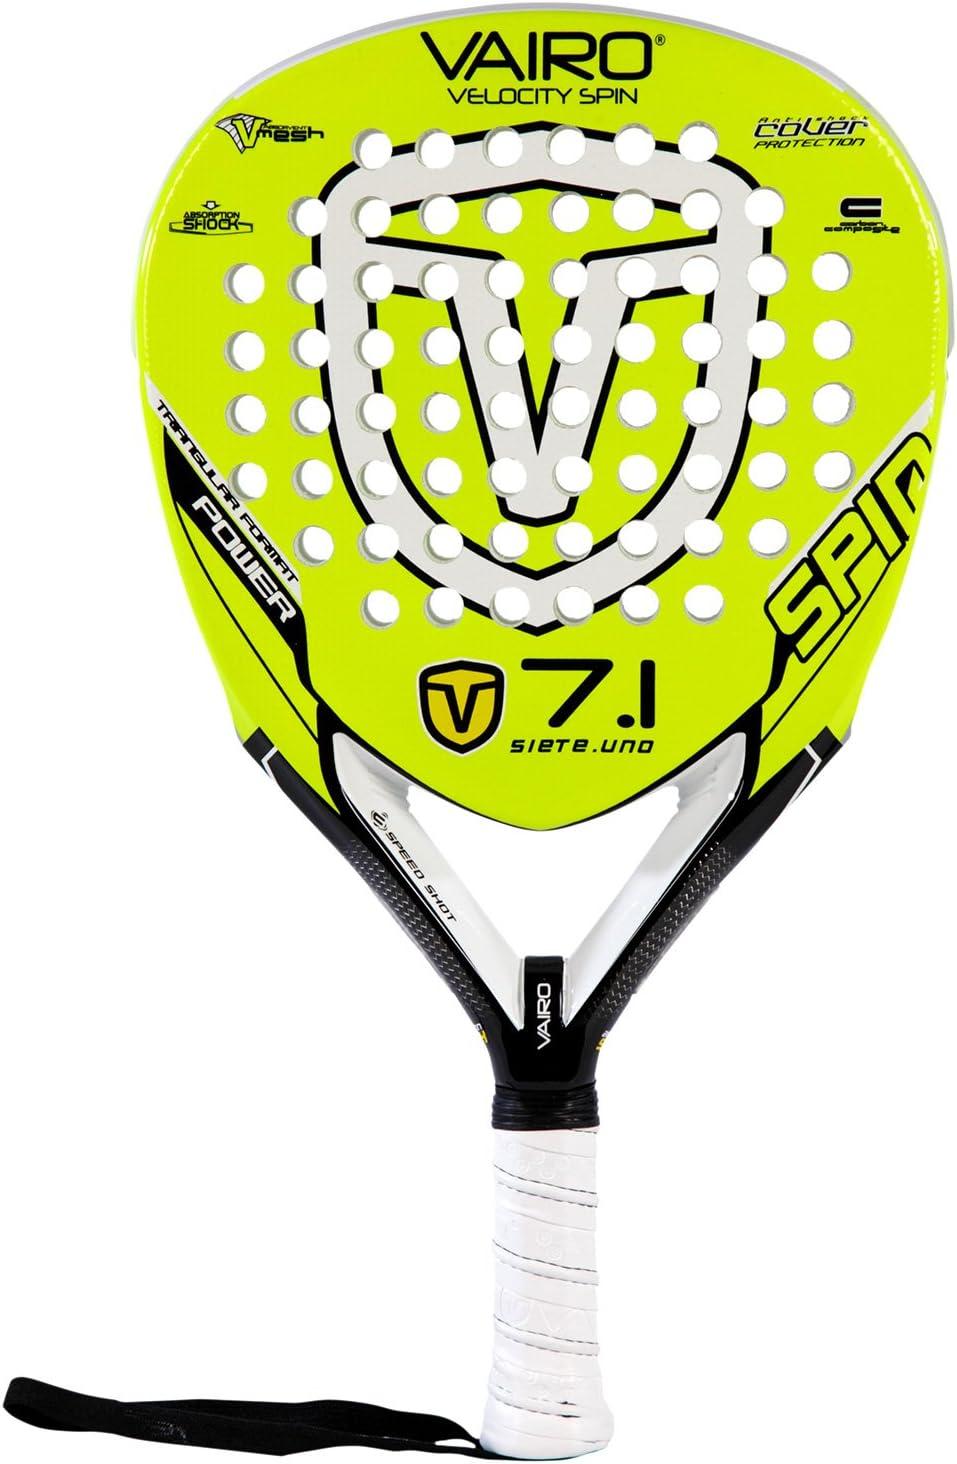 Pala de Pádel Vairo Velocity Spin 7.1: Amazon.es: Deportes y aire ...